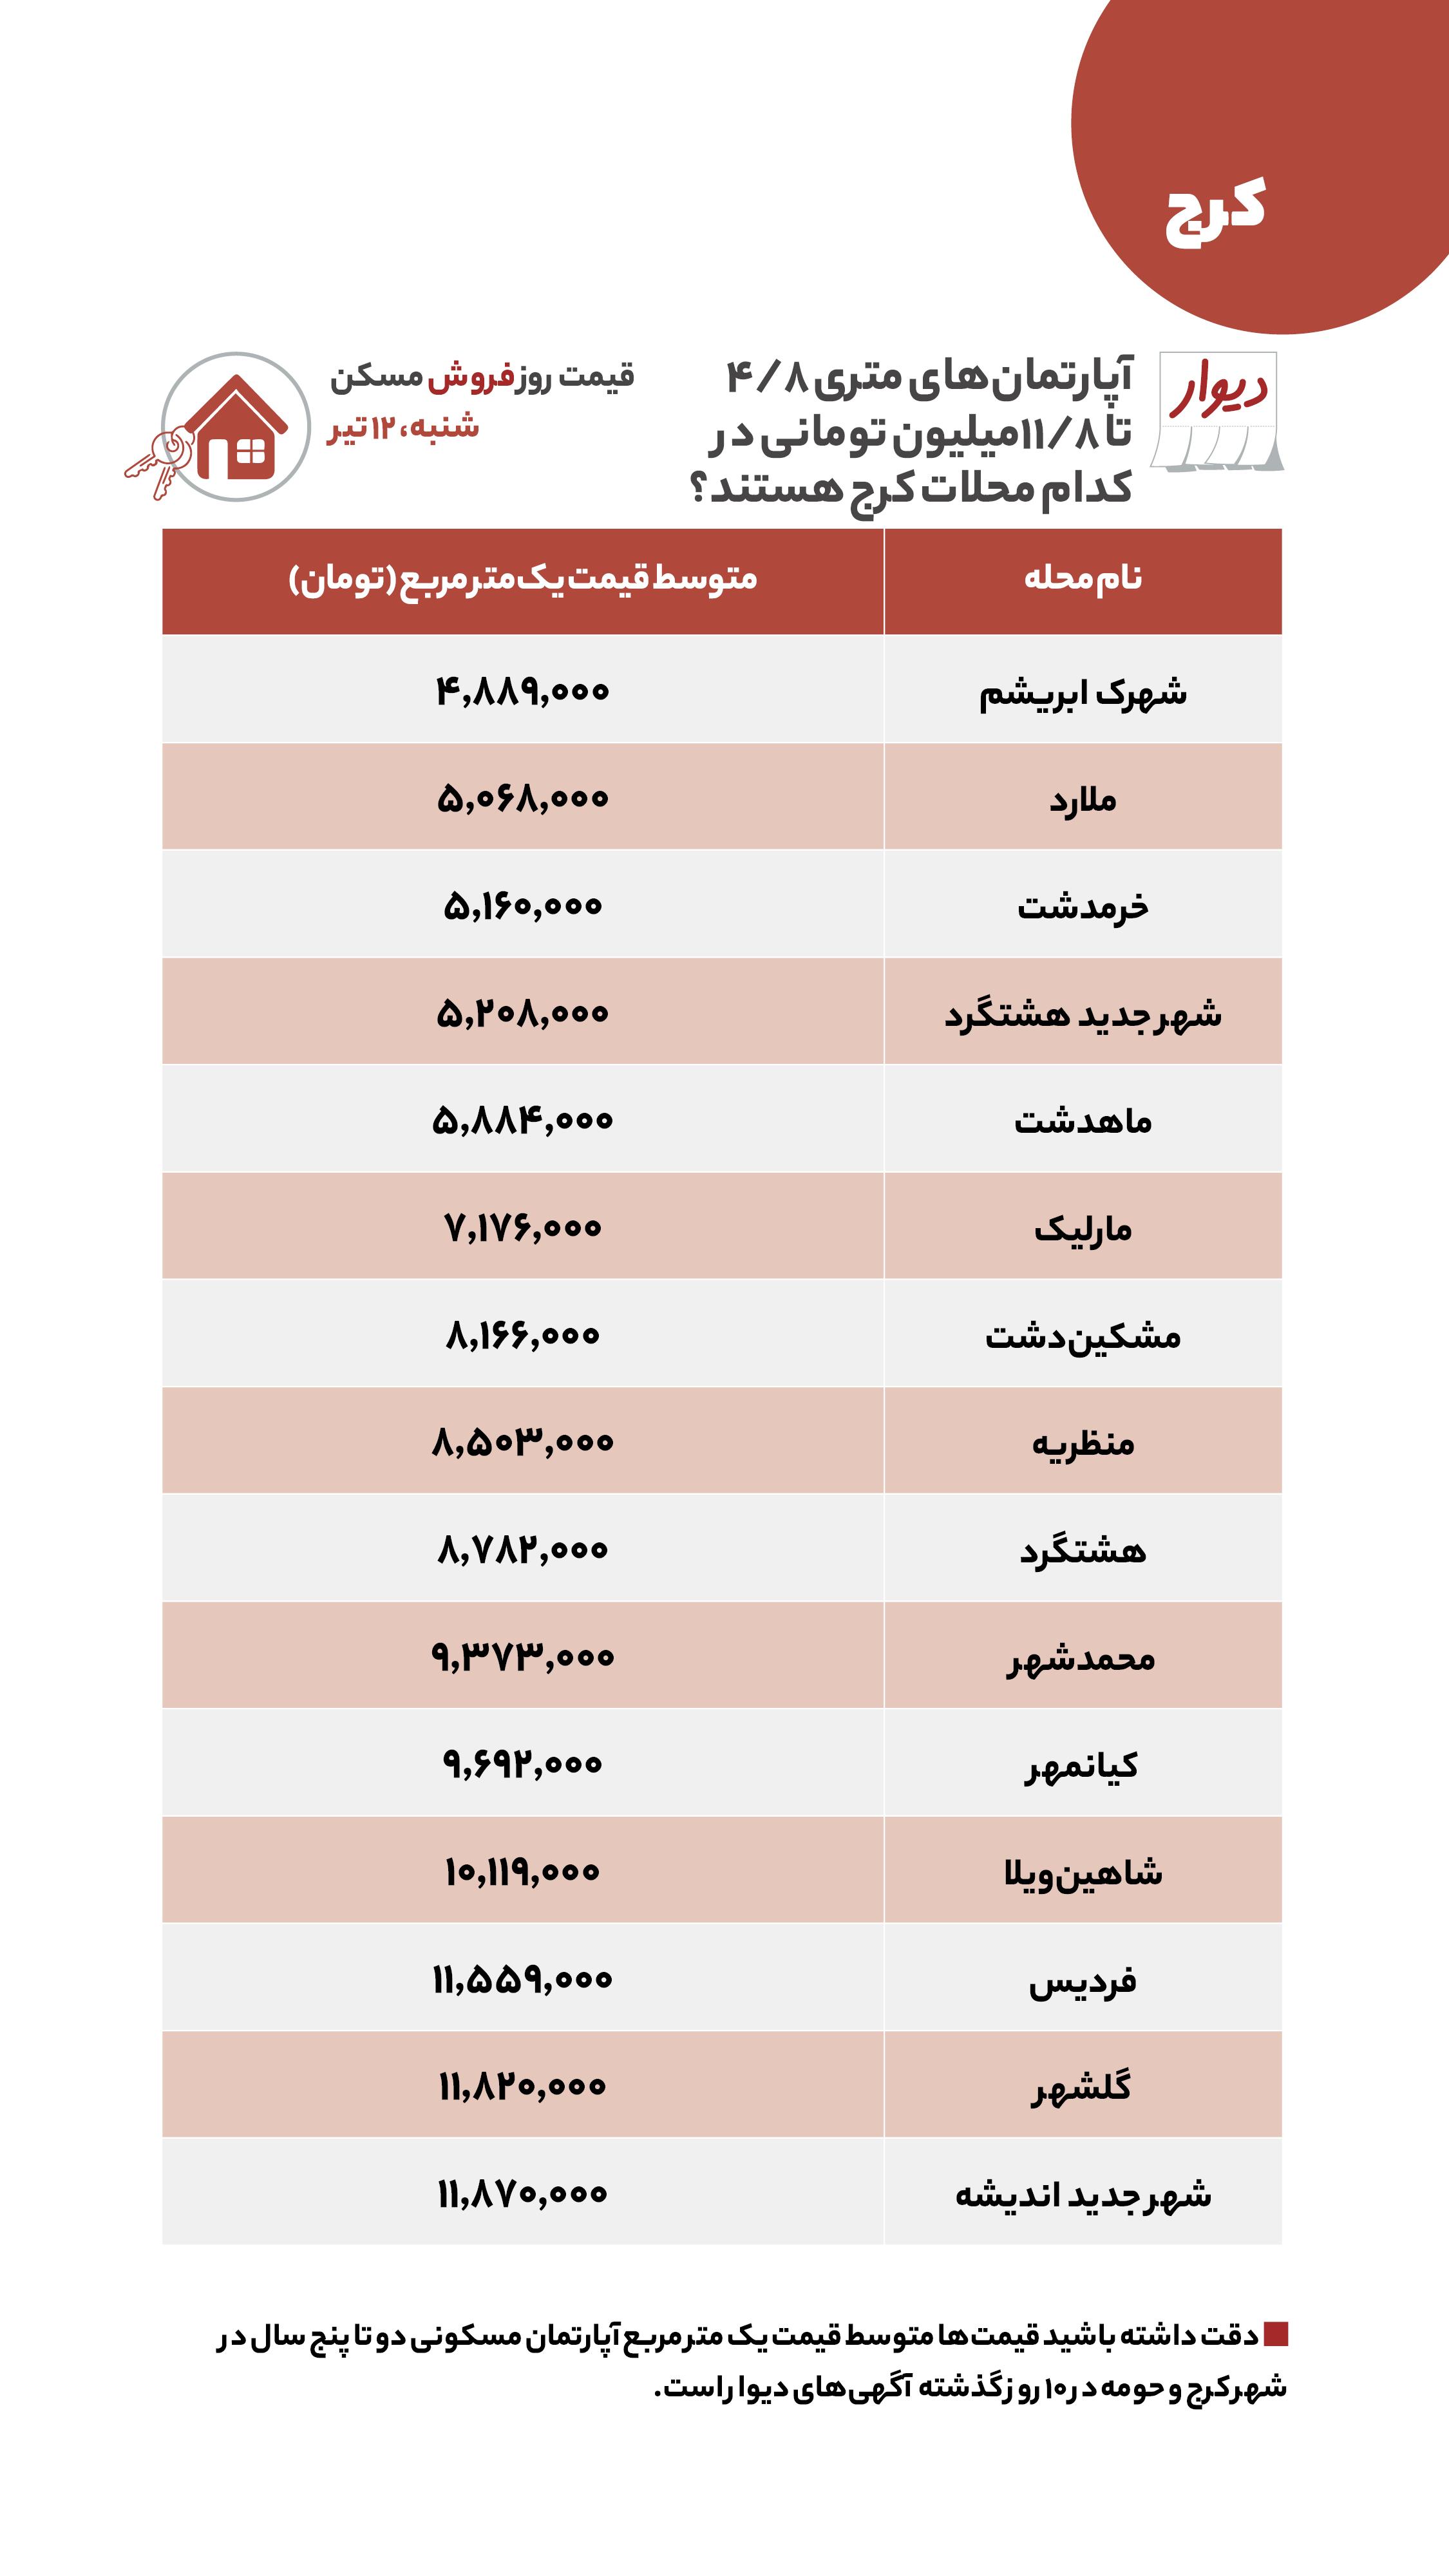 اختلاف یک میلیارد و ۲۰۰ میلیون تومانی قیمت مسکن بین جنوب و اطراف تهران